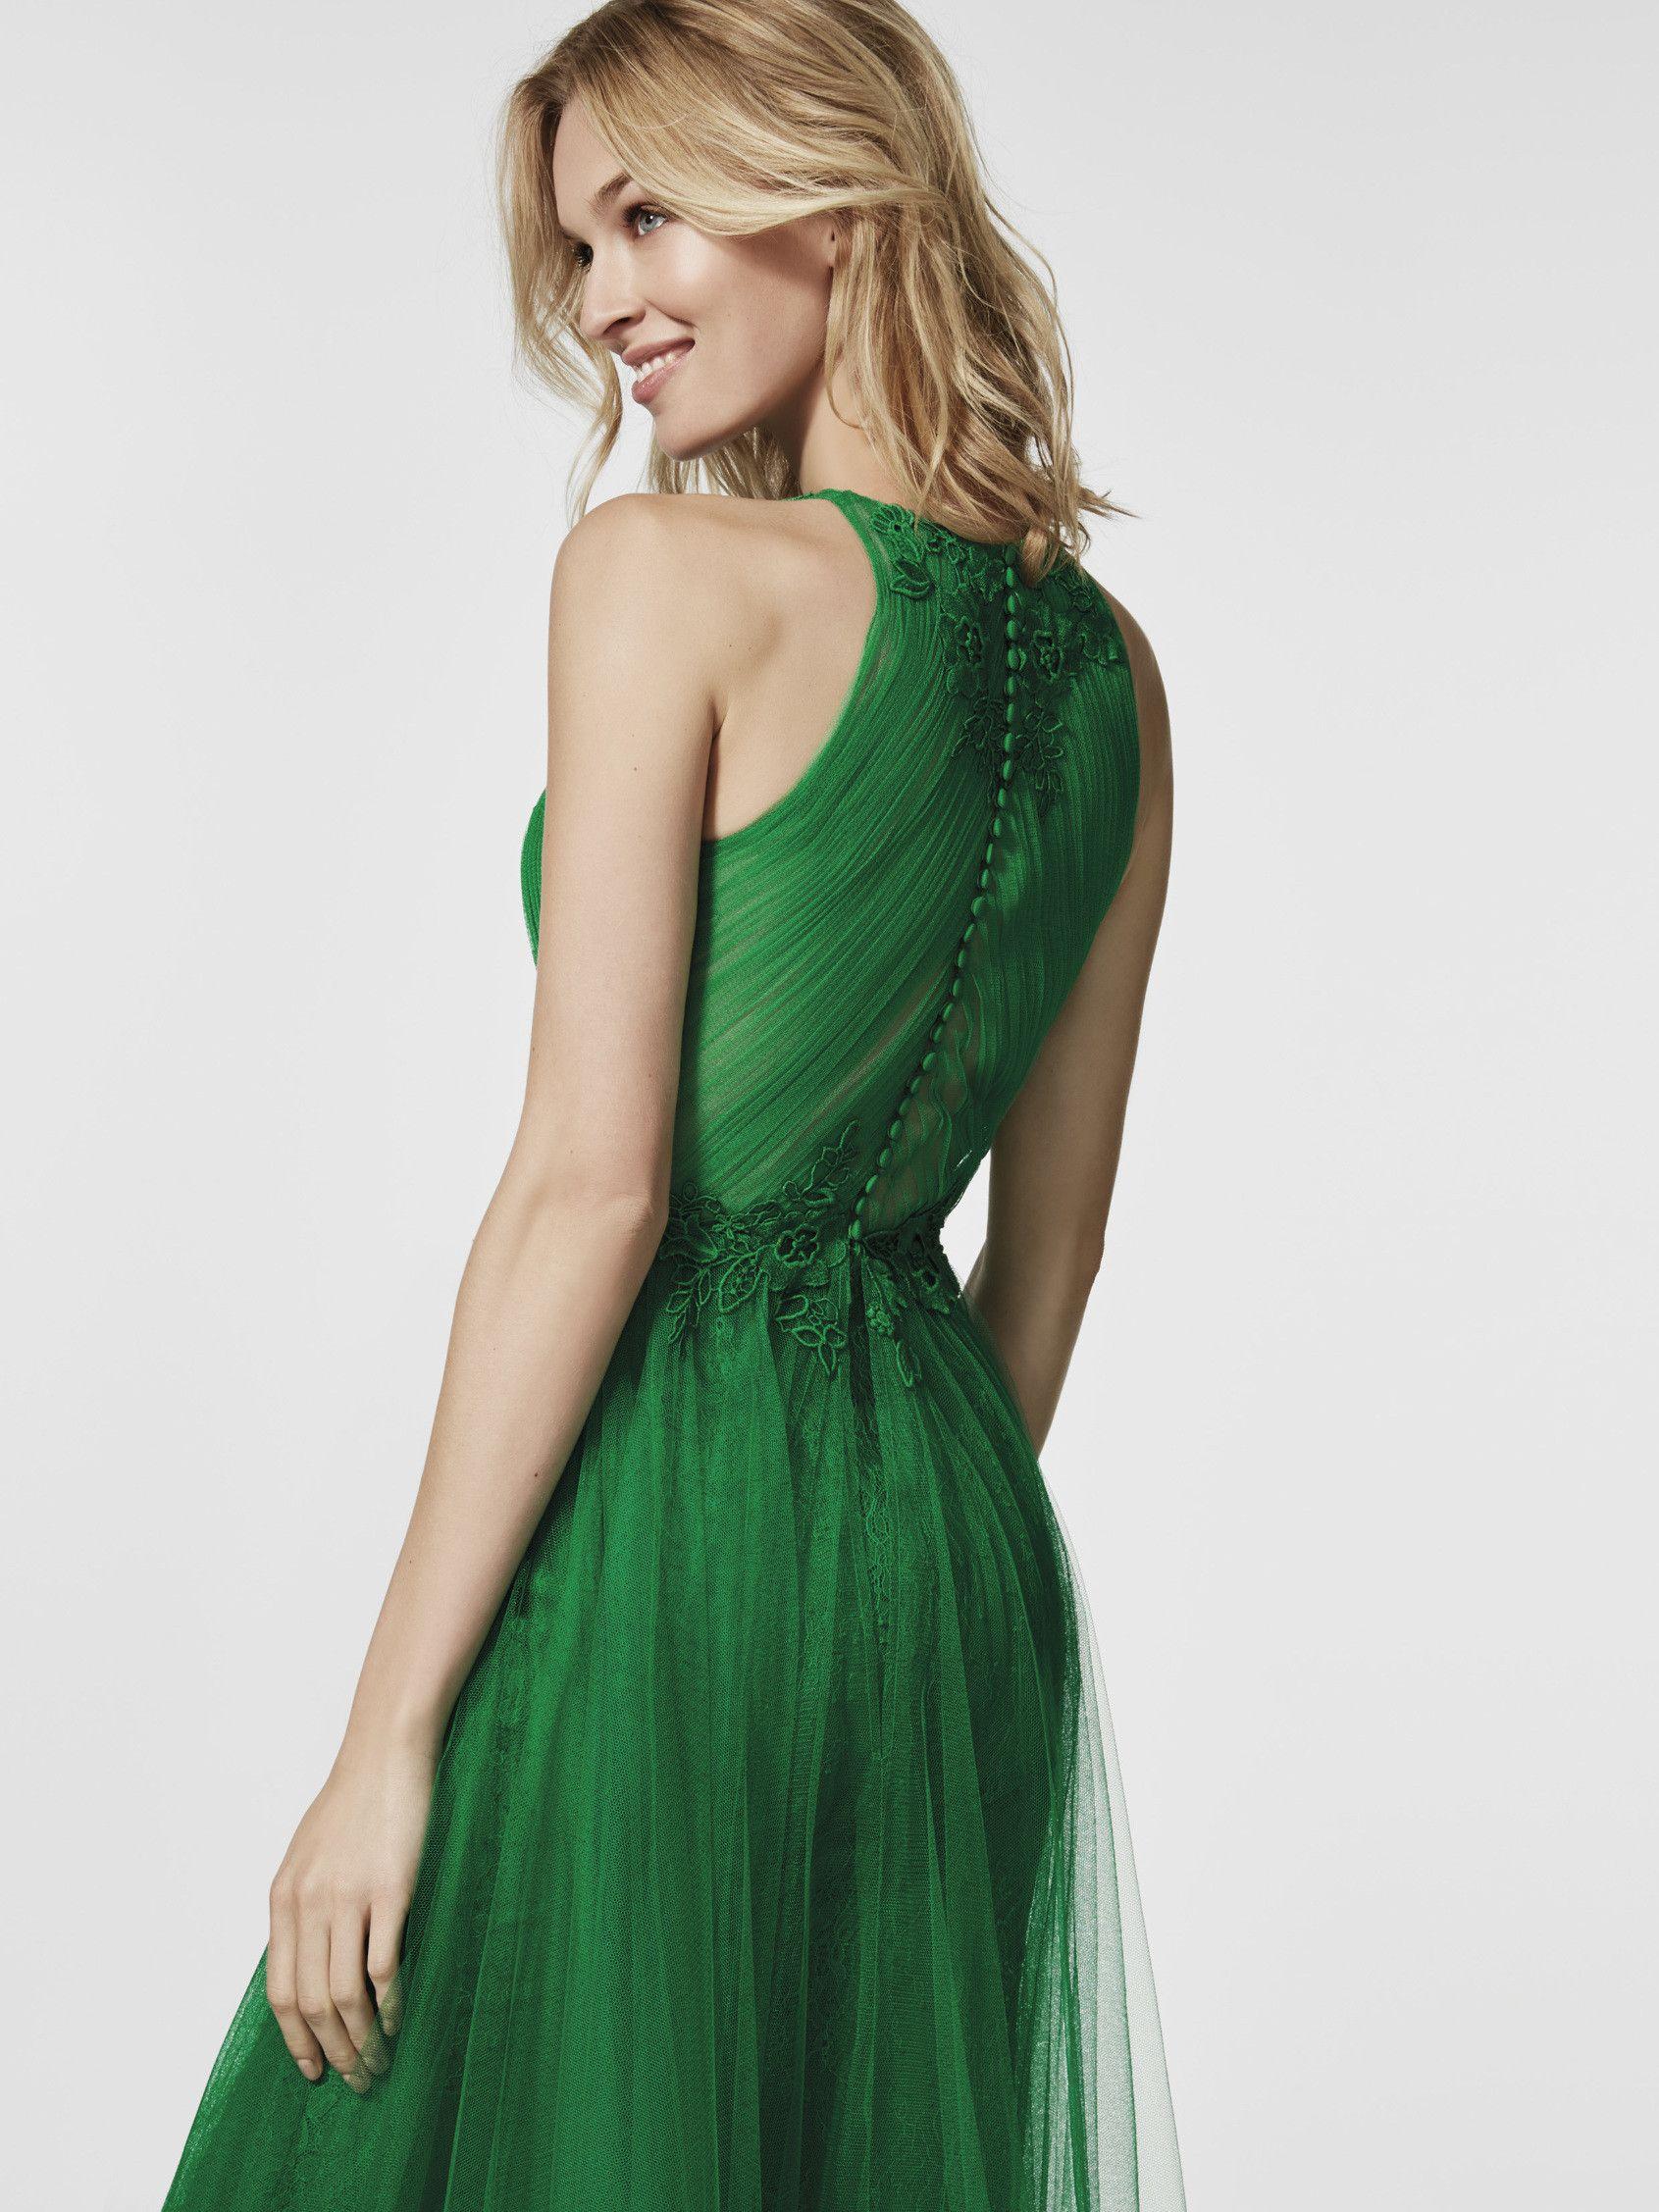 Imagen del vestido de fiesta verde (62059). Vestido GLACISE largo ...